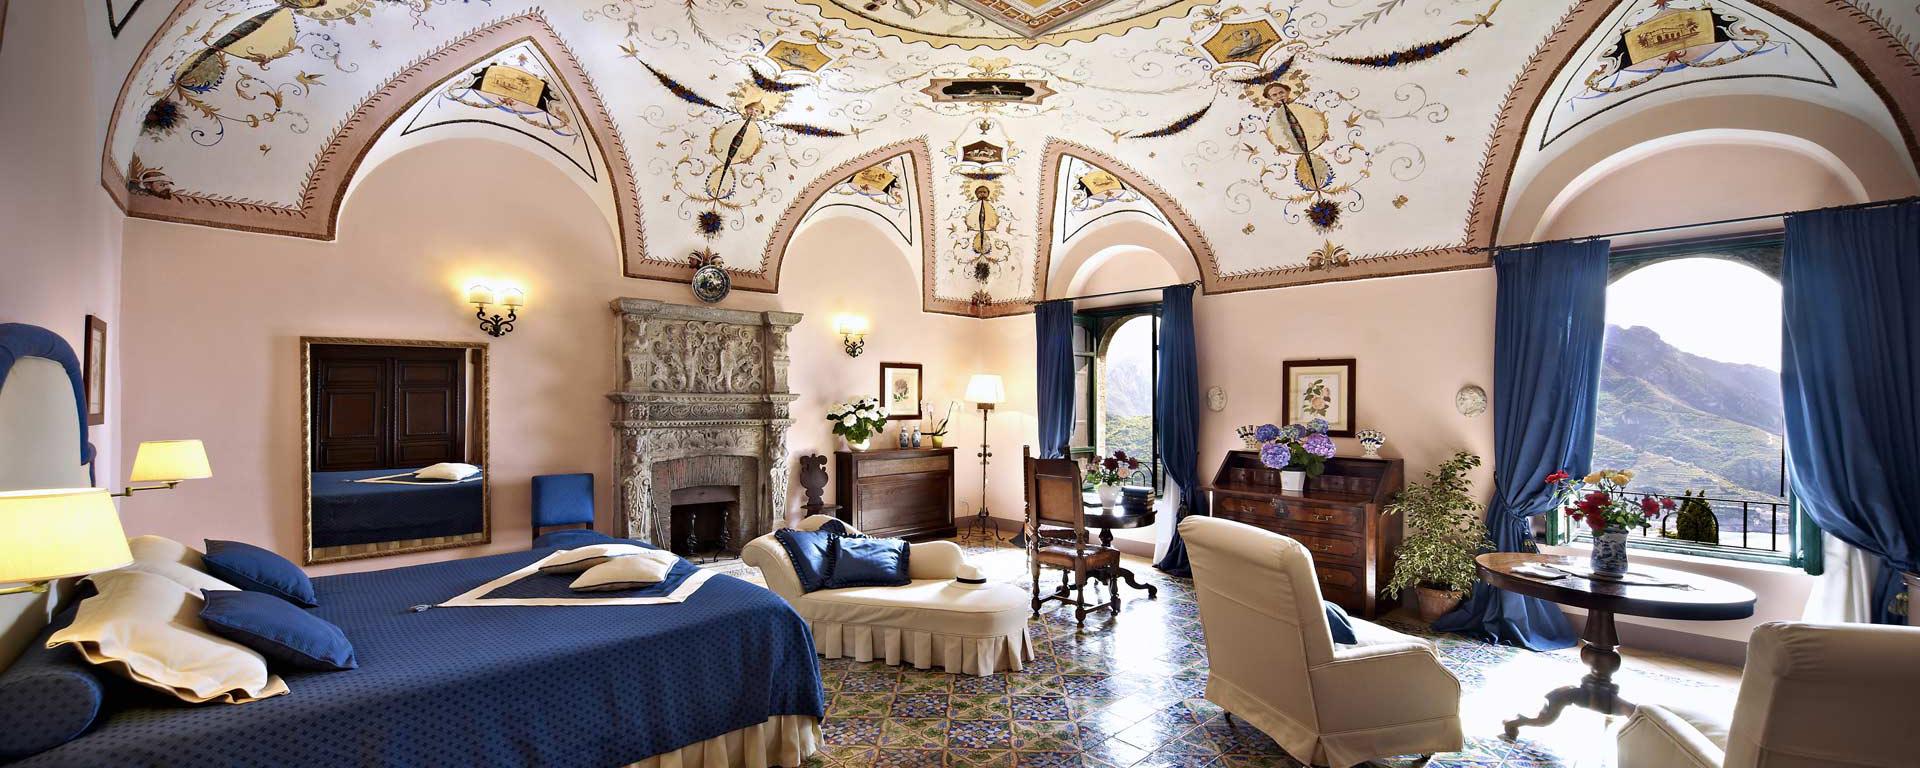 Villa cimbrone italy